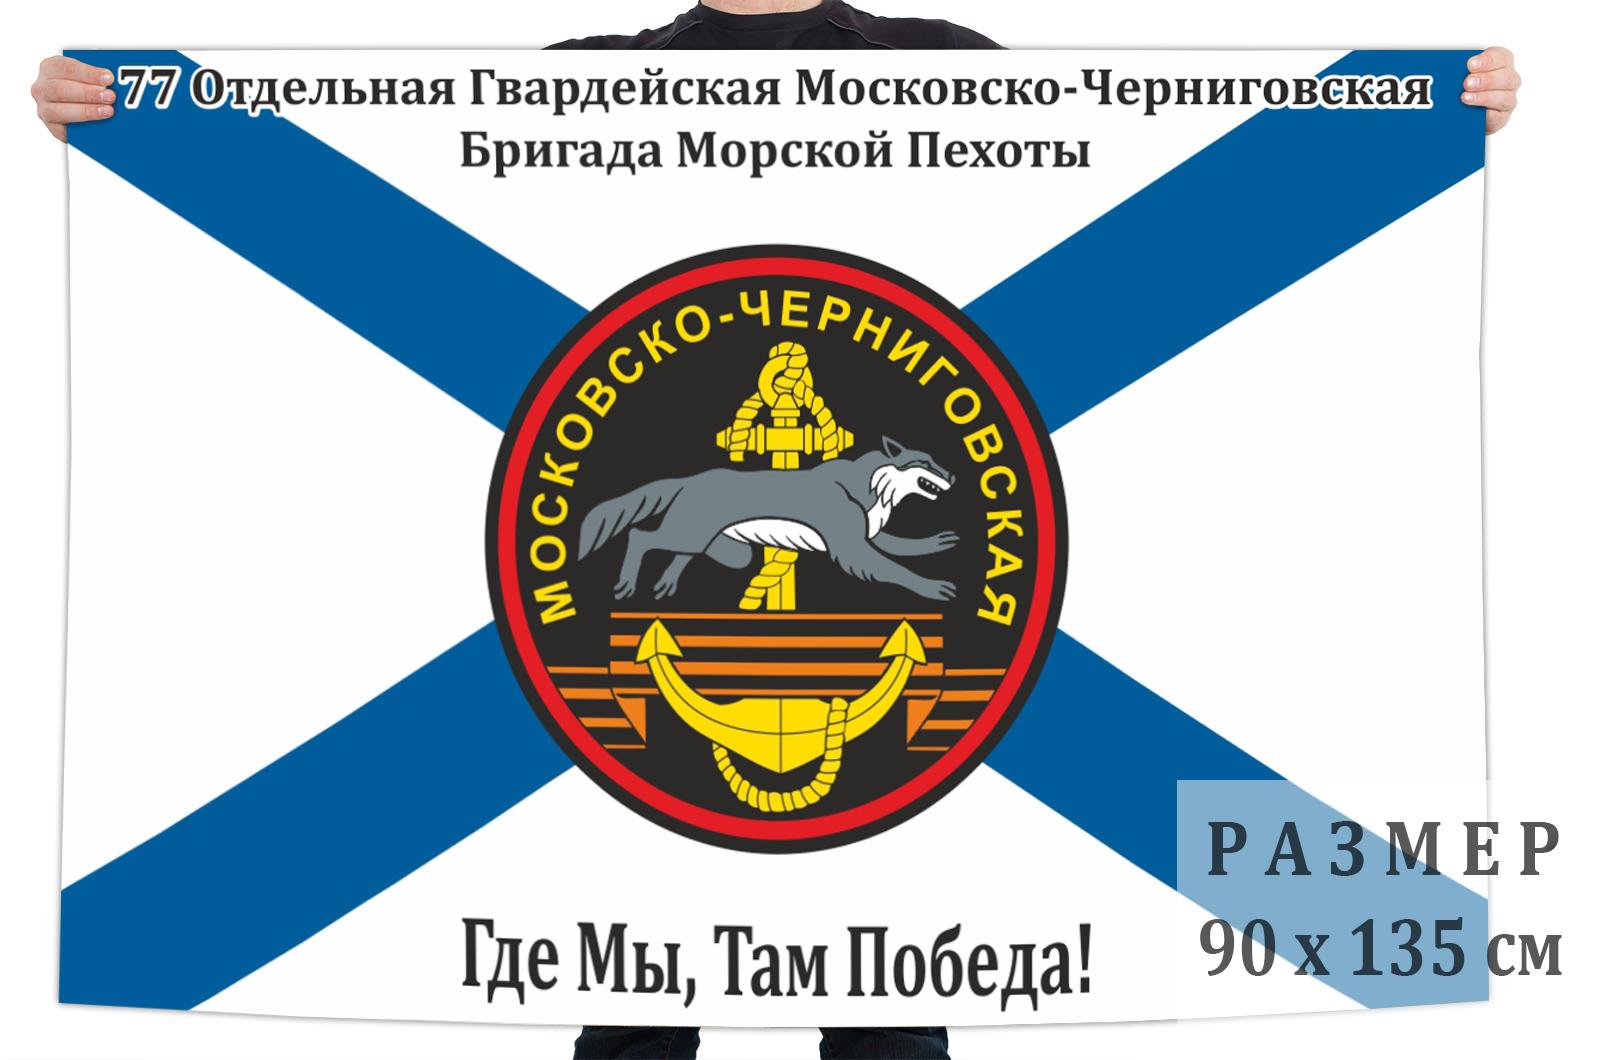 """Флаг """"77-я Отдельная гвардейская Московско-Черниговская бригада Морской пехоты"""""""